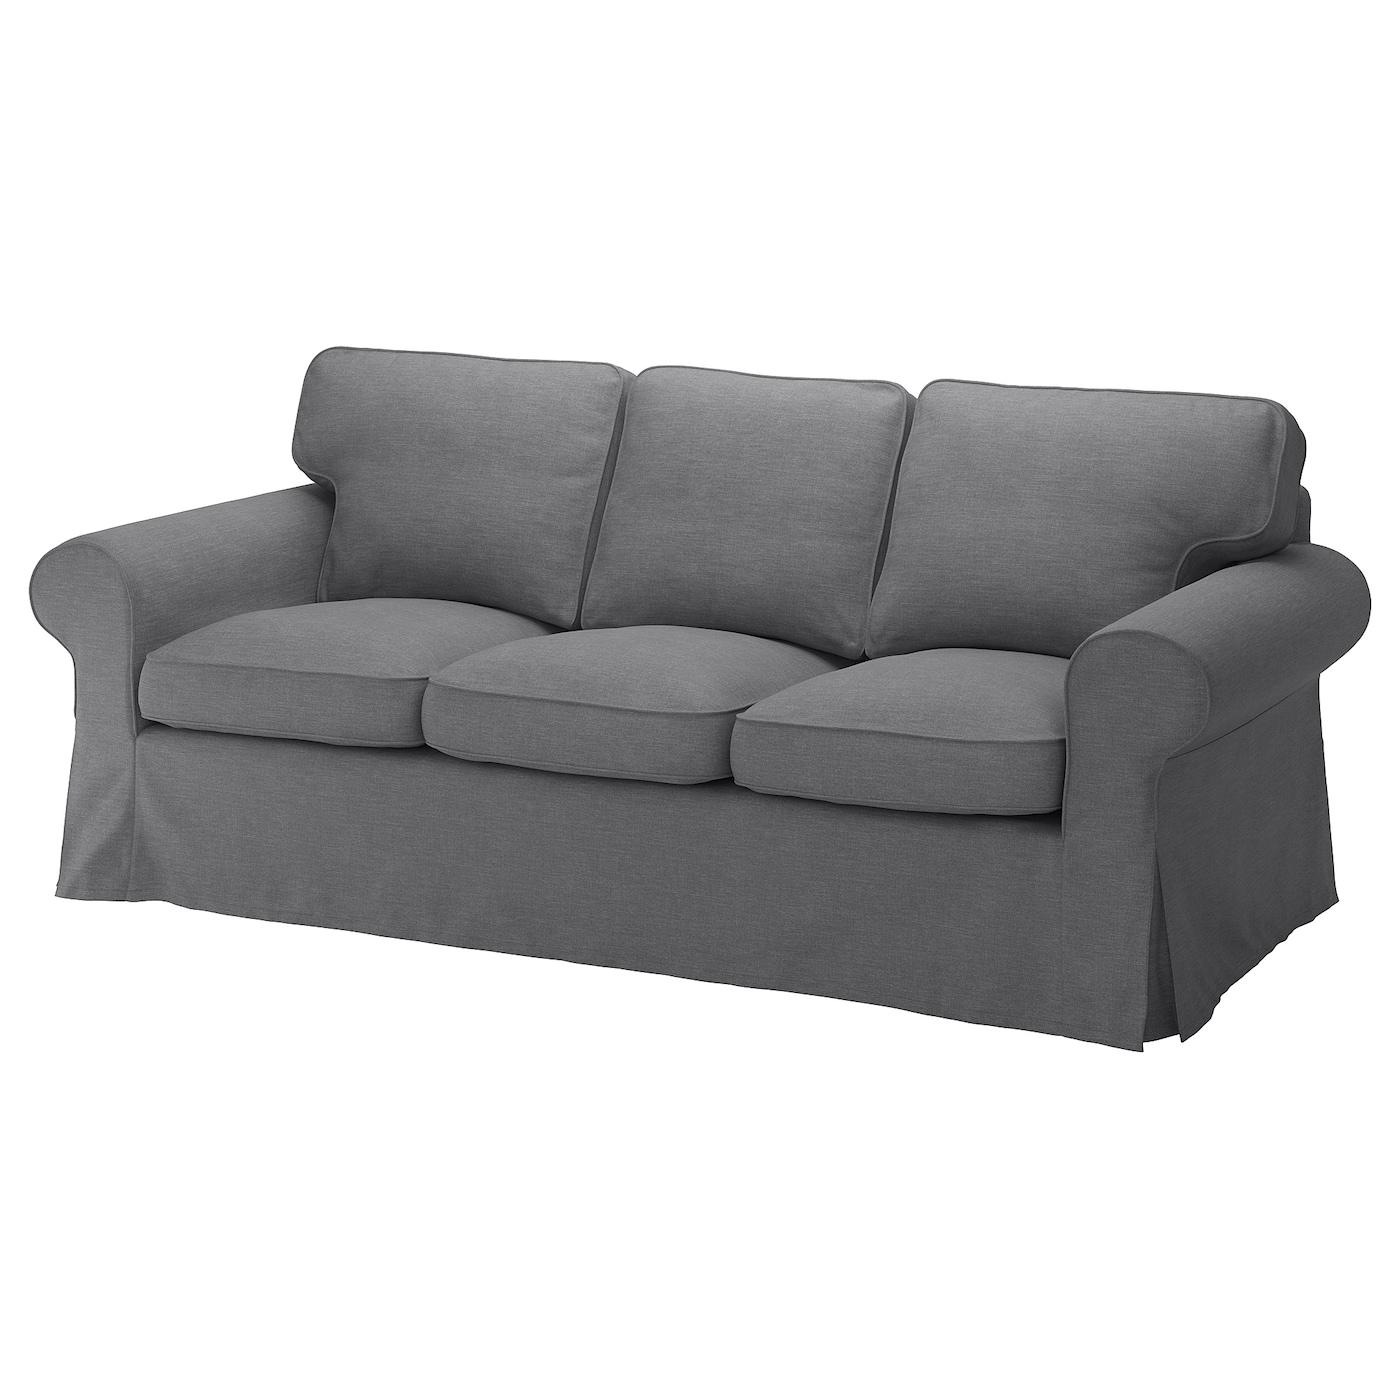 IKEA EKTORP ciemnoszara sofa trzyosobowa